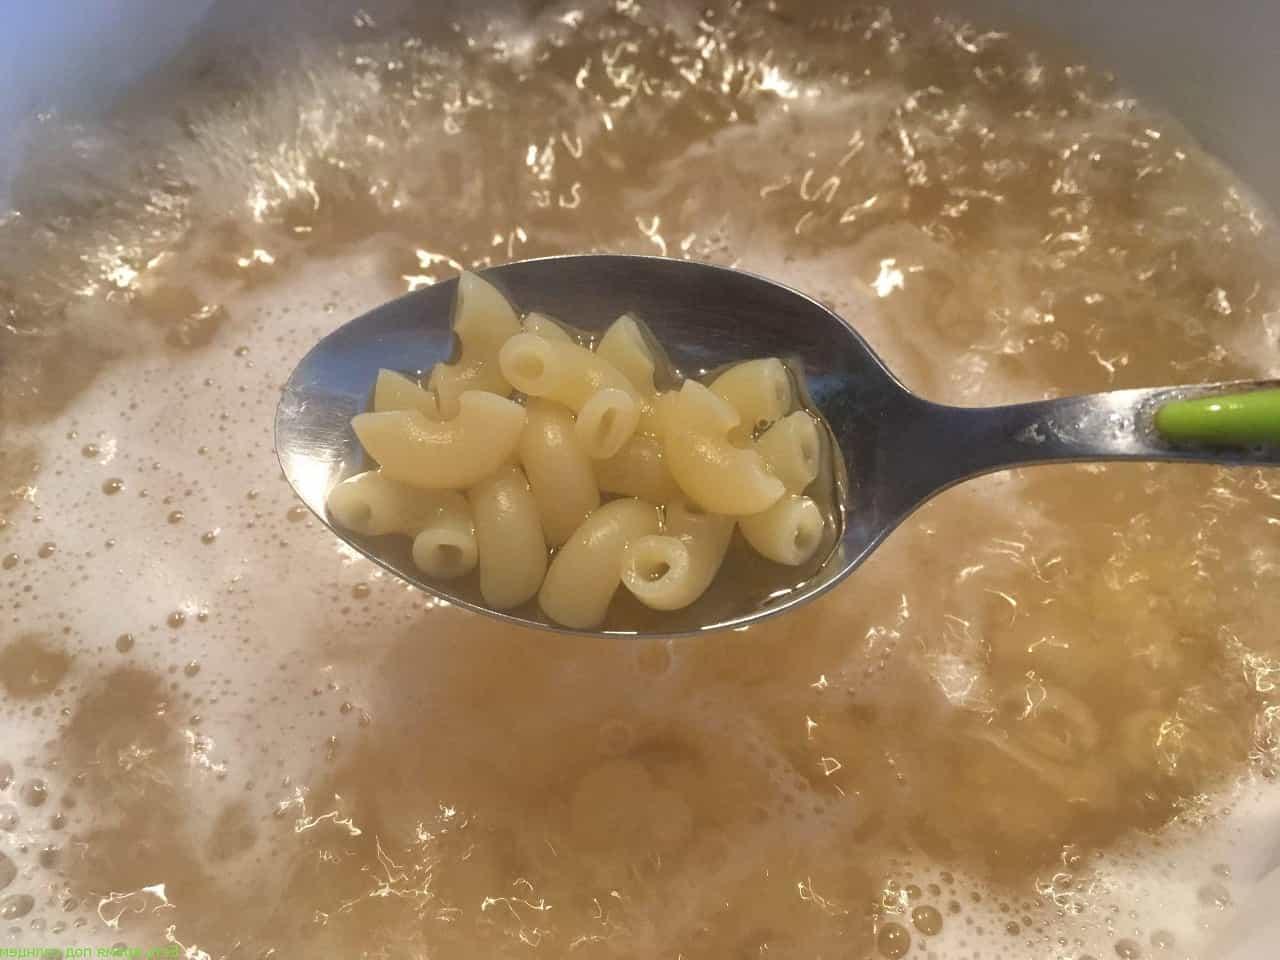 Сколько грамм макарон в ложке